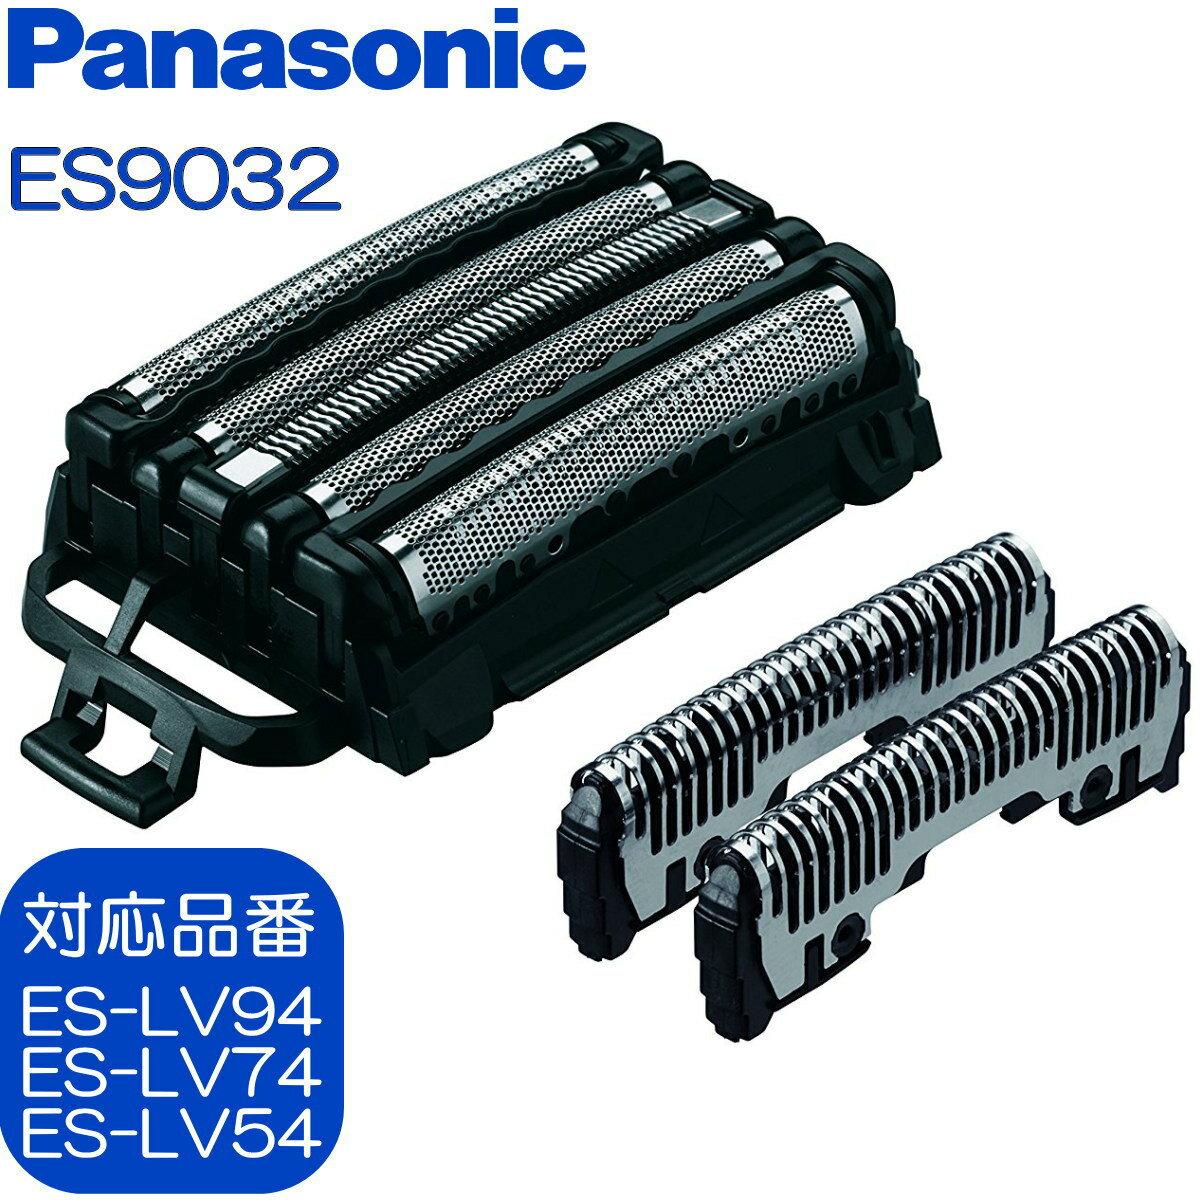 【あす楽】Panasonic ラムダッシュ替刃 外刃・内刃セット | ES9032 | 適応機種 ES-LV94 ES-LV74 ES-LV54 ほか | パナソニック